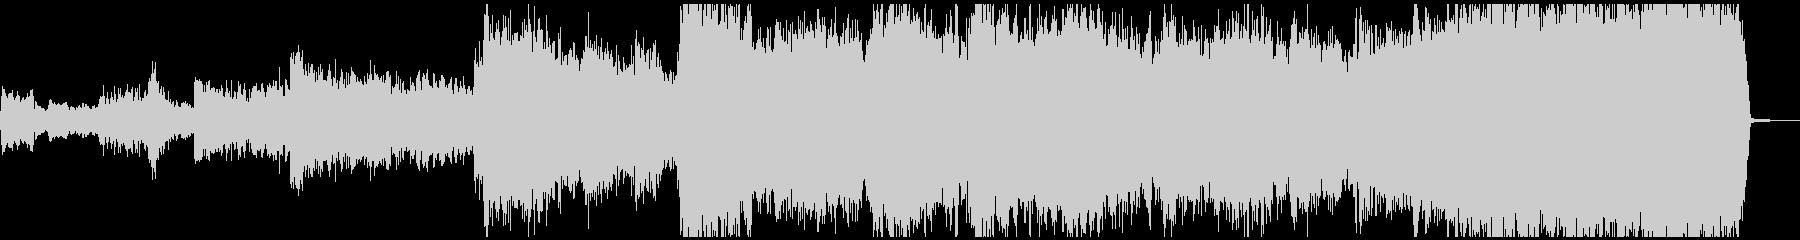 現代的 交響曲 エレクトロ 実験的...の未再生の波形